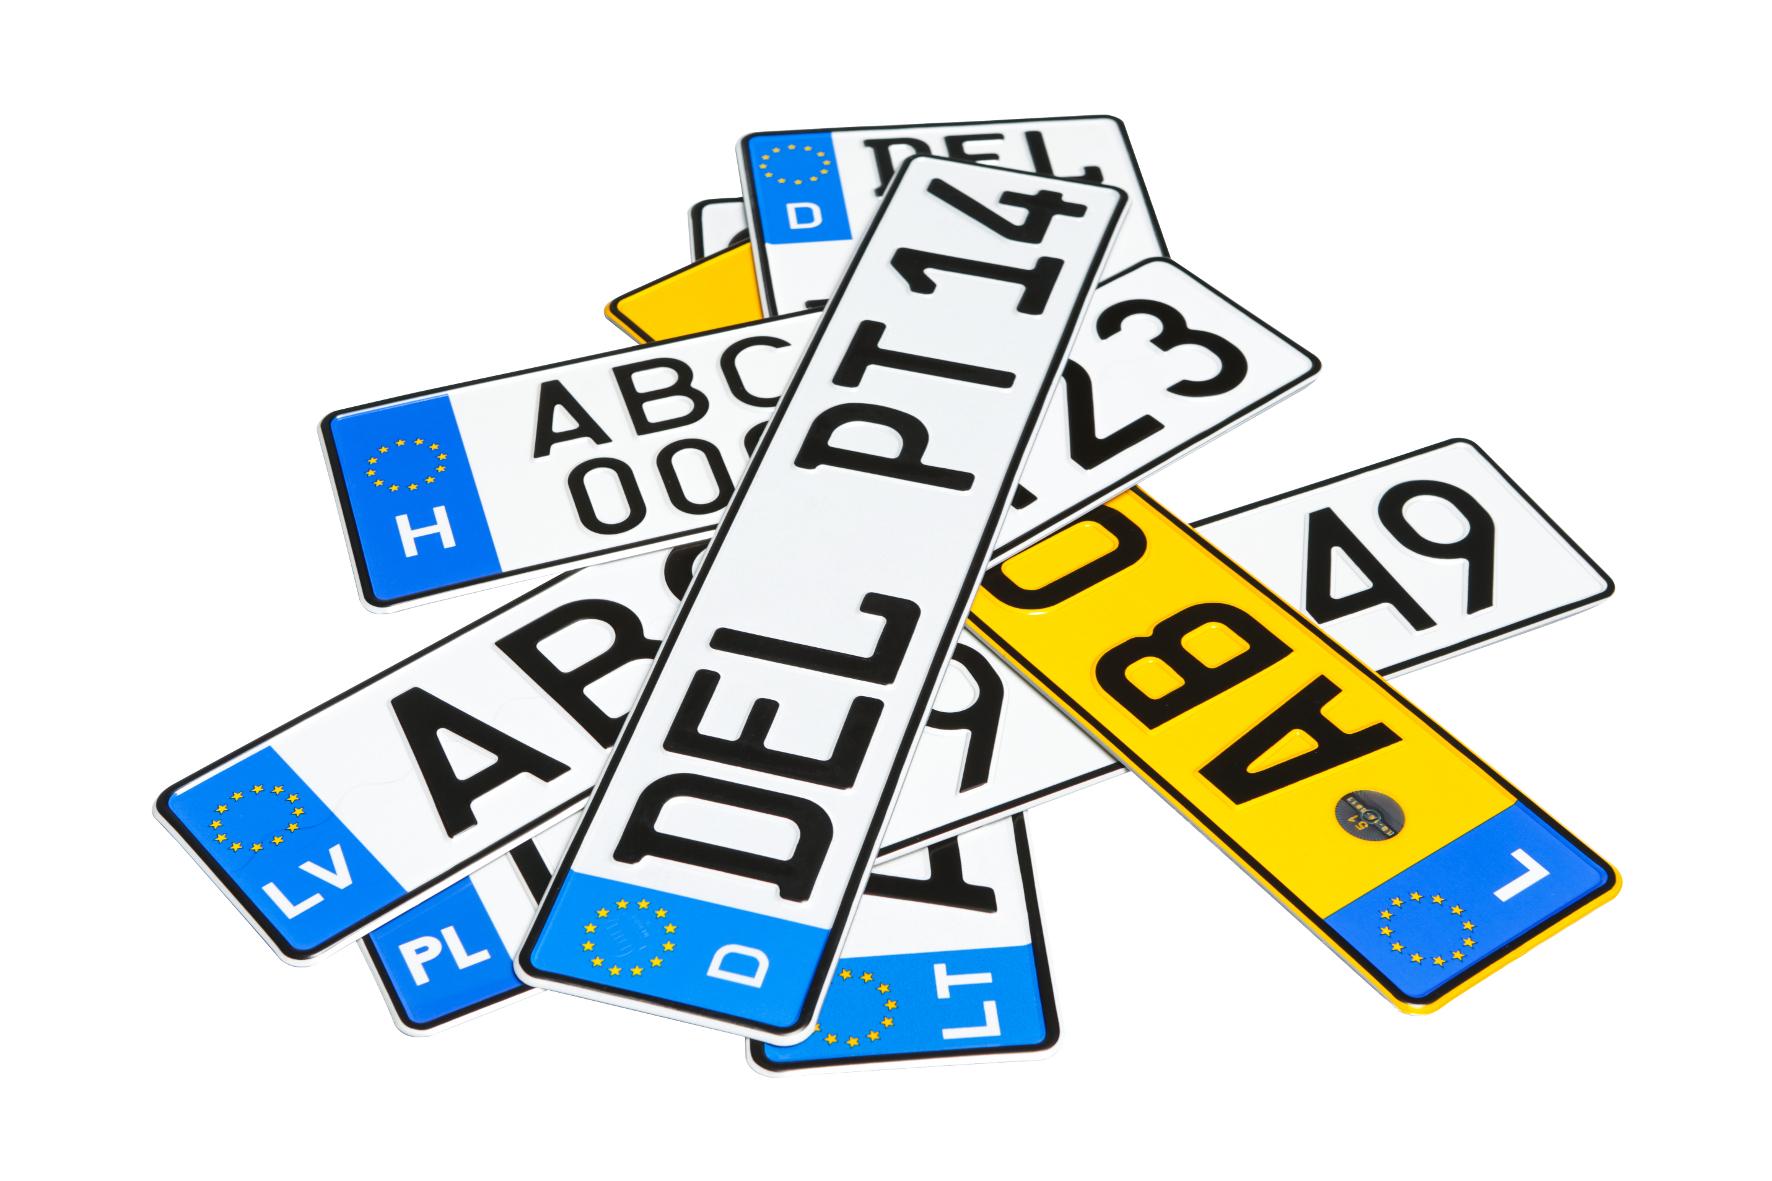 mid Groß-Gerau - Mit eingebautem Diebstahlschutz: Moderne Autokennzeichen sind weit mehr als dünnes Blech mit Zahlen und Buchstaben.